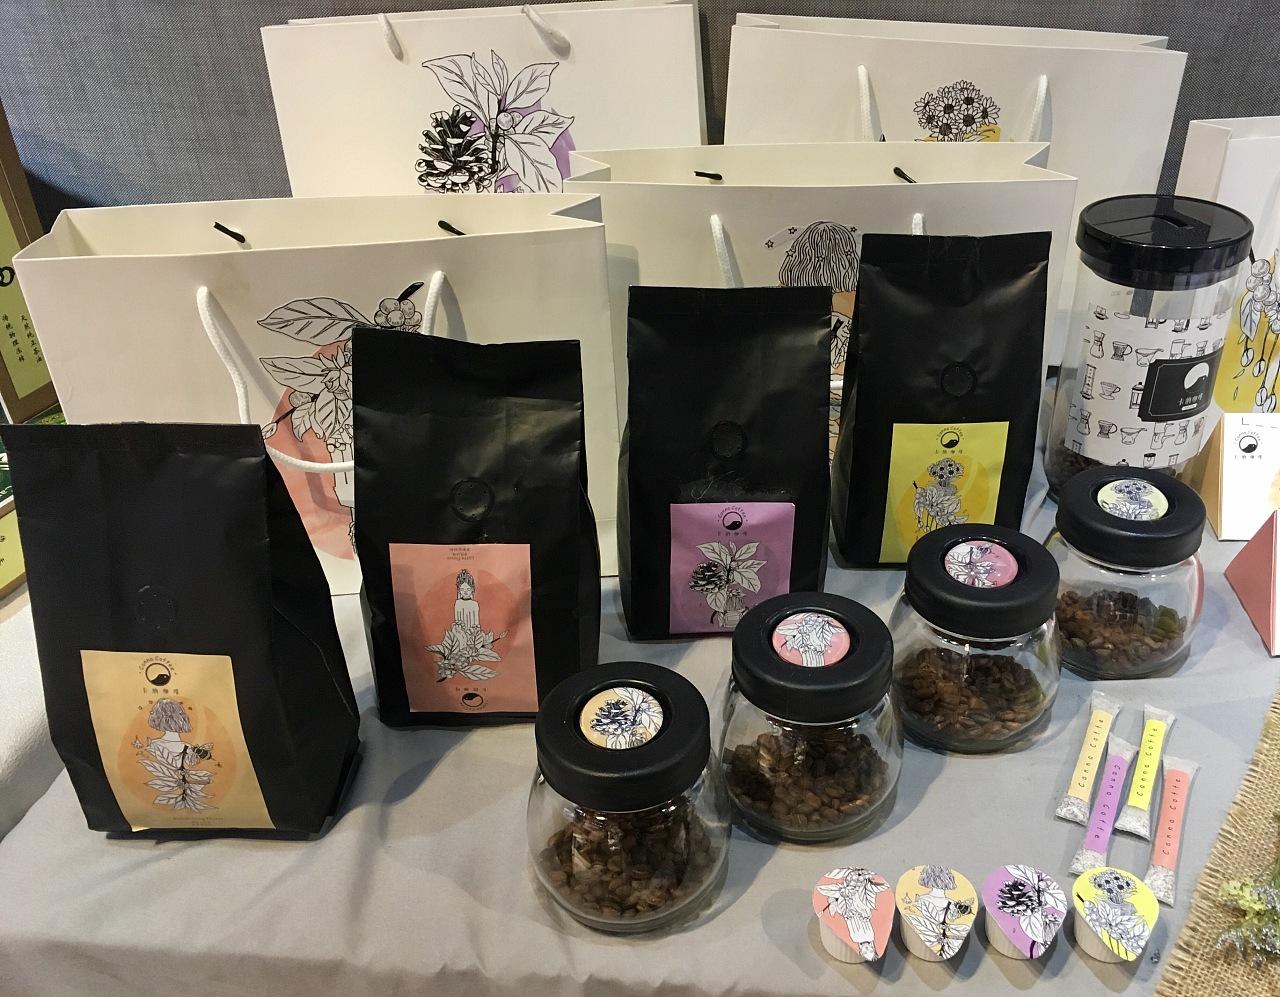 卡纳咖啡系列作品 | 平面产品包装毕业设计展图片